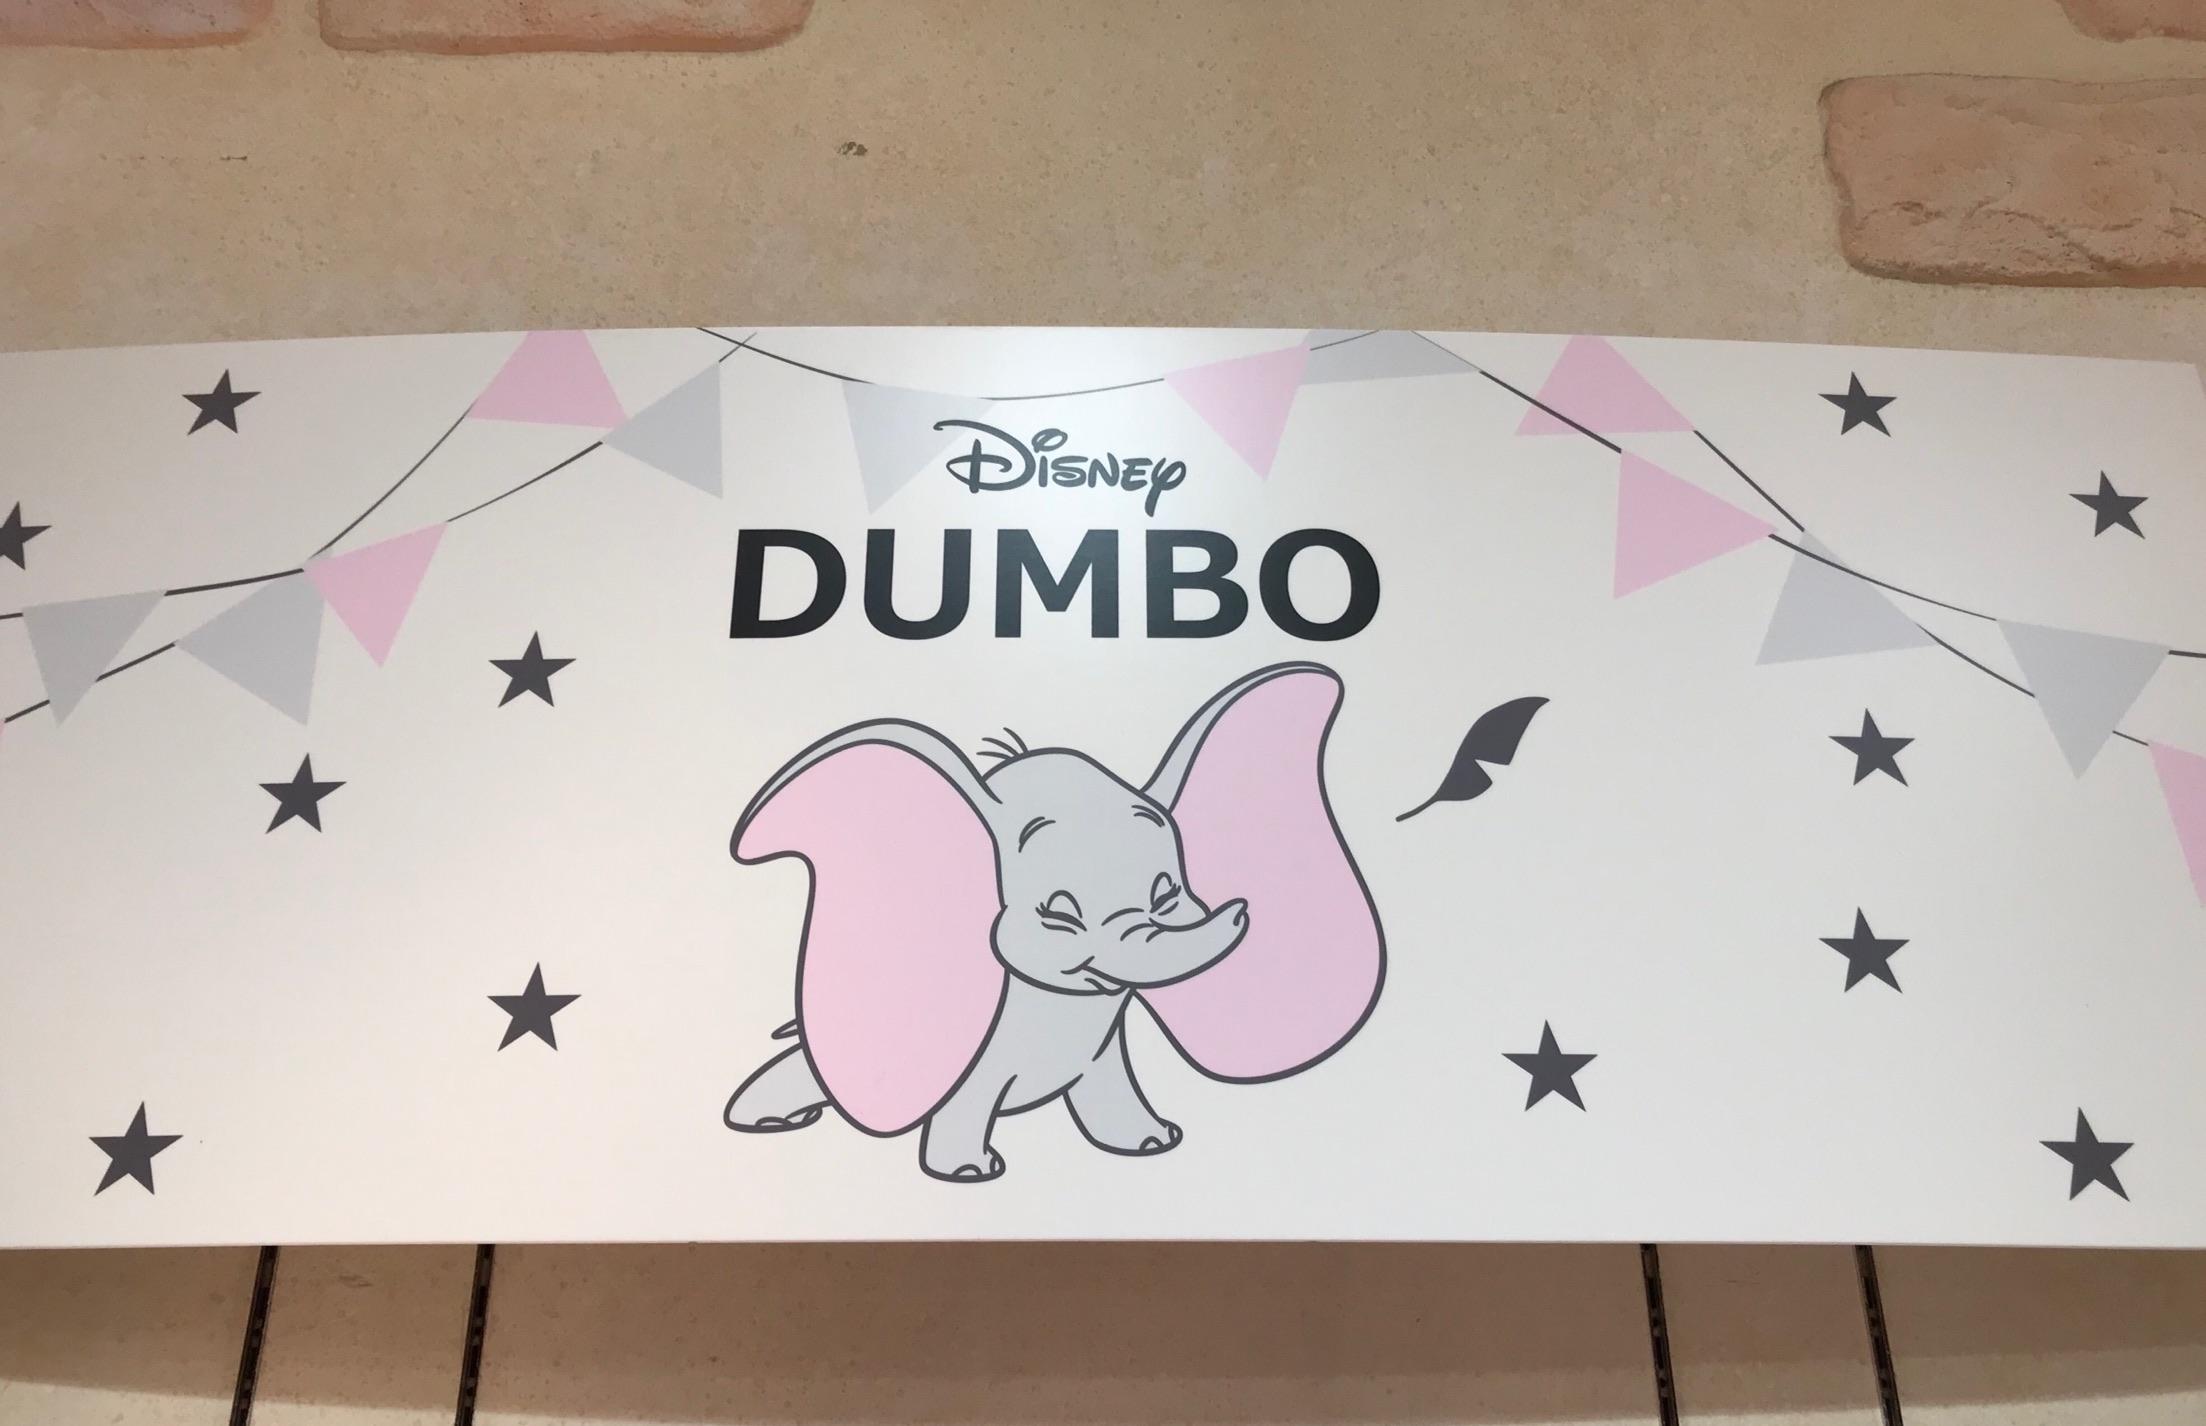 ディズニーストアから「ダンボ」グッズが新登場!_1